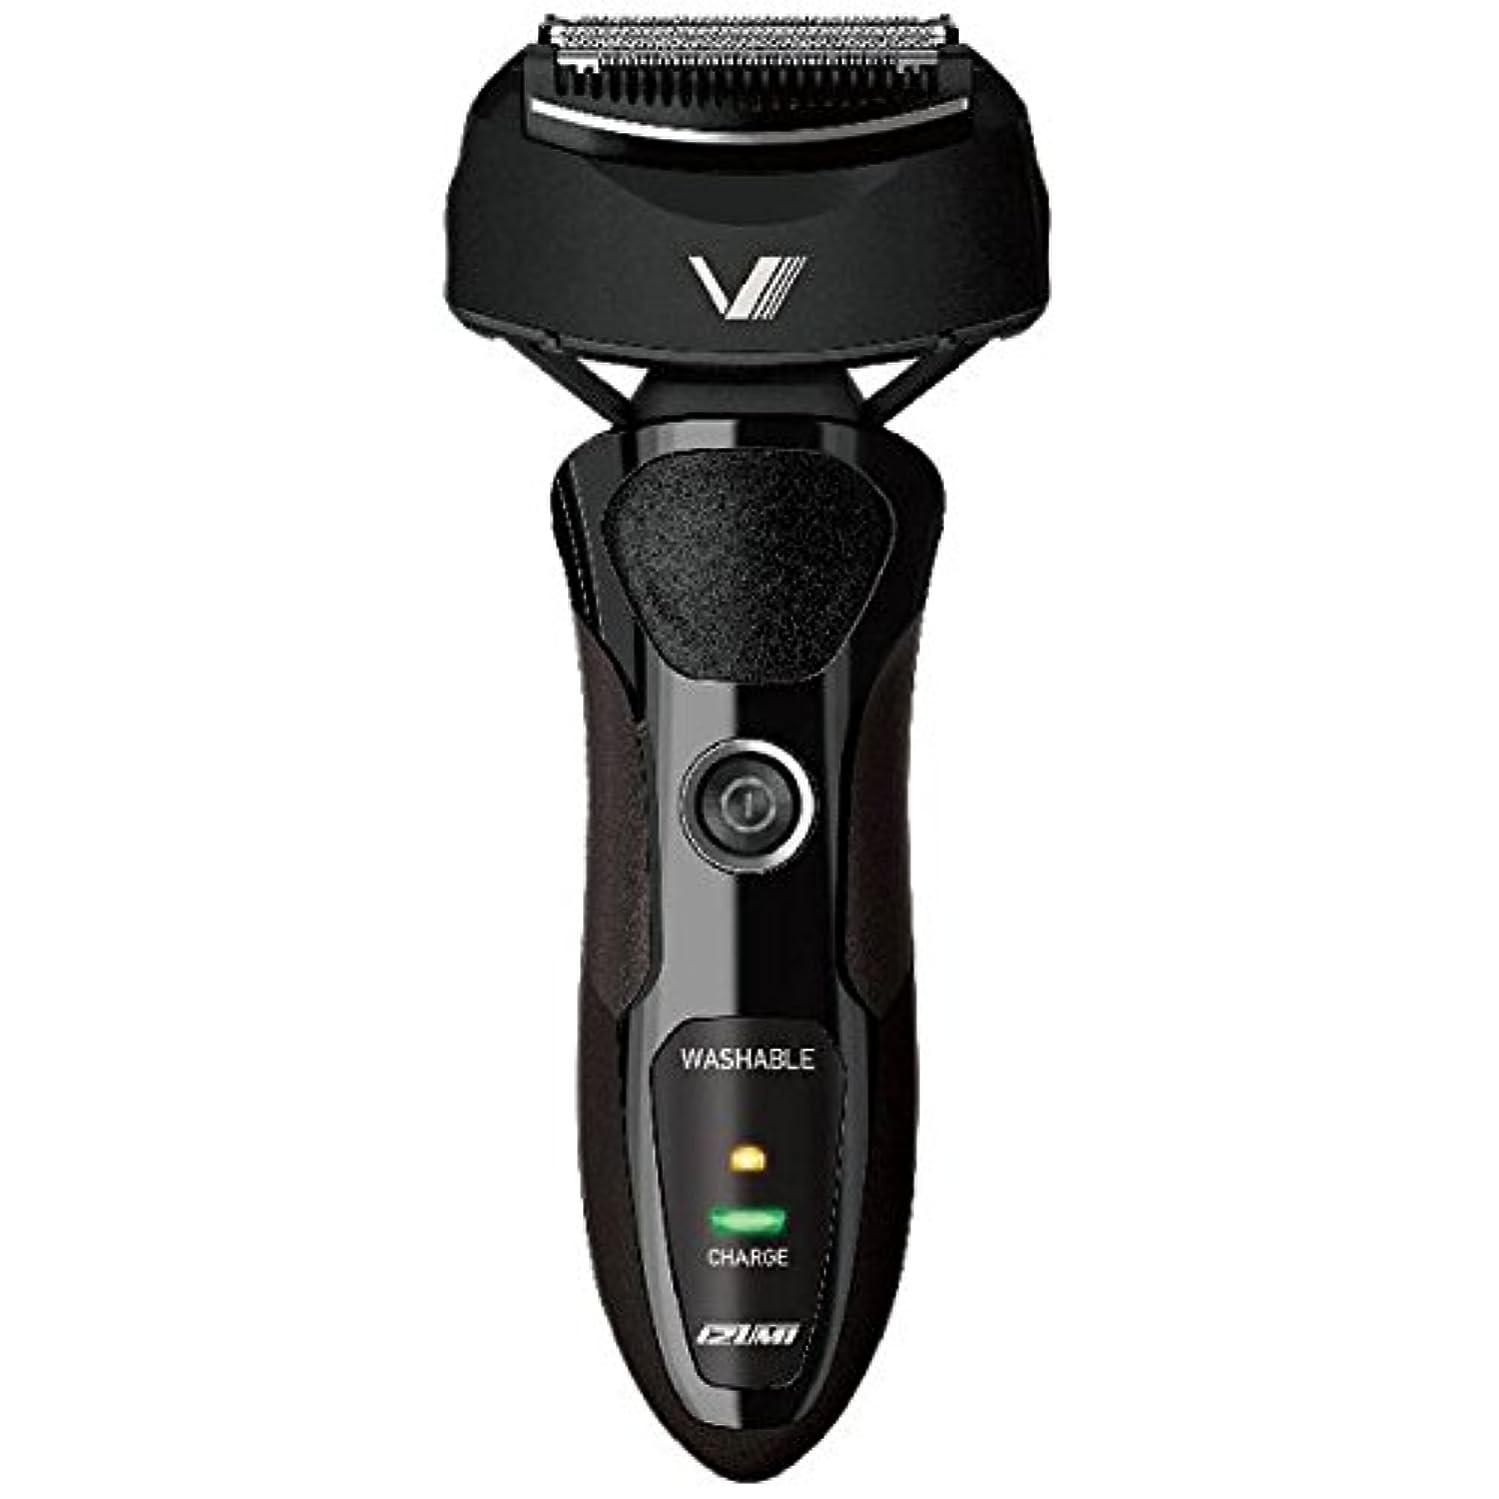 テンポベーコン感度IZUMI VIDAN 往復式シェーバー 深剃りシリーズ 3枚刃 ブラック IZF-V36-K